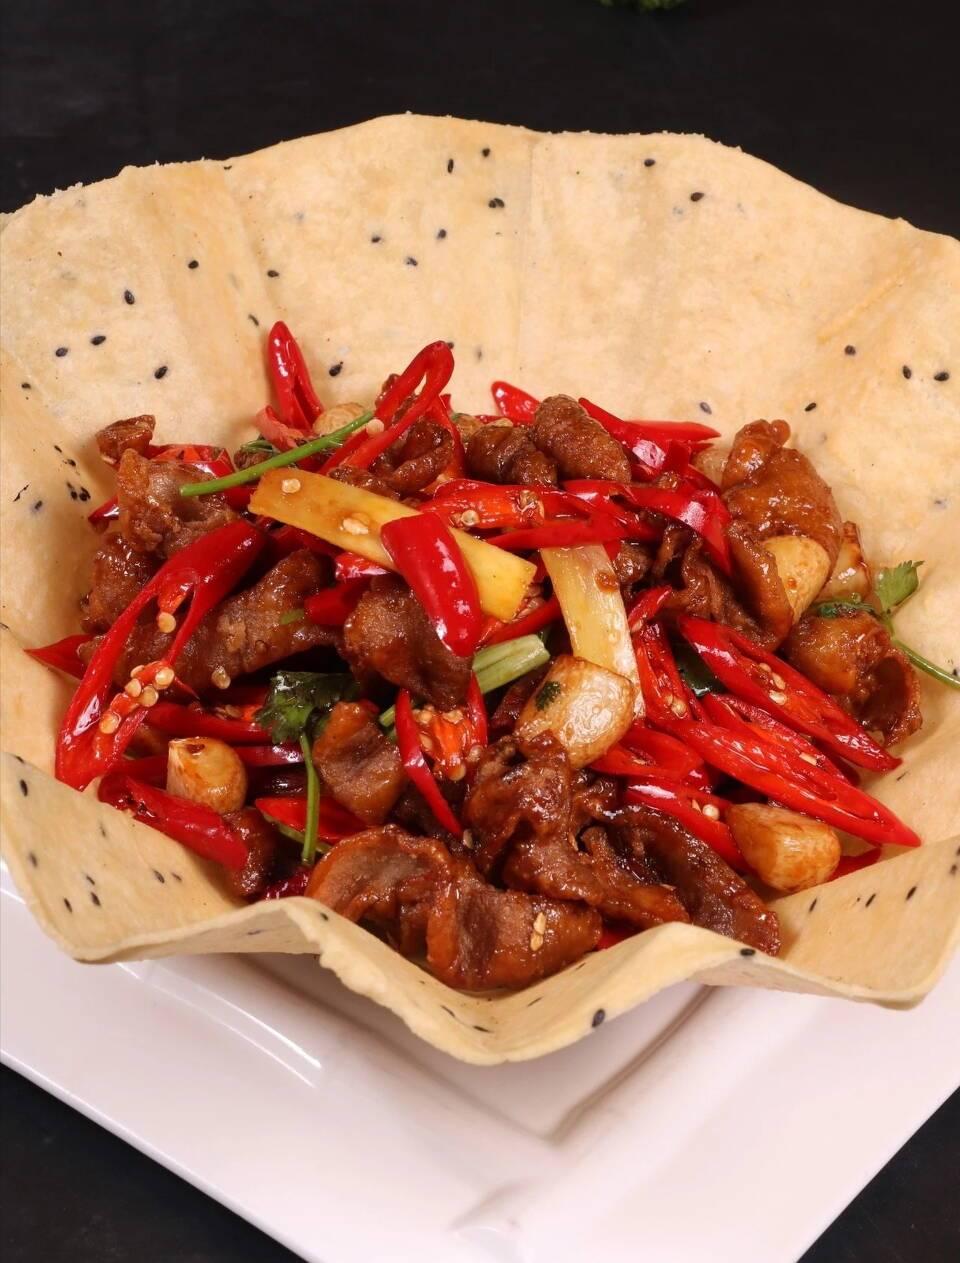 刘雪平美食餐饮团队菜品:美椒肥肠